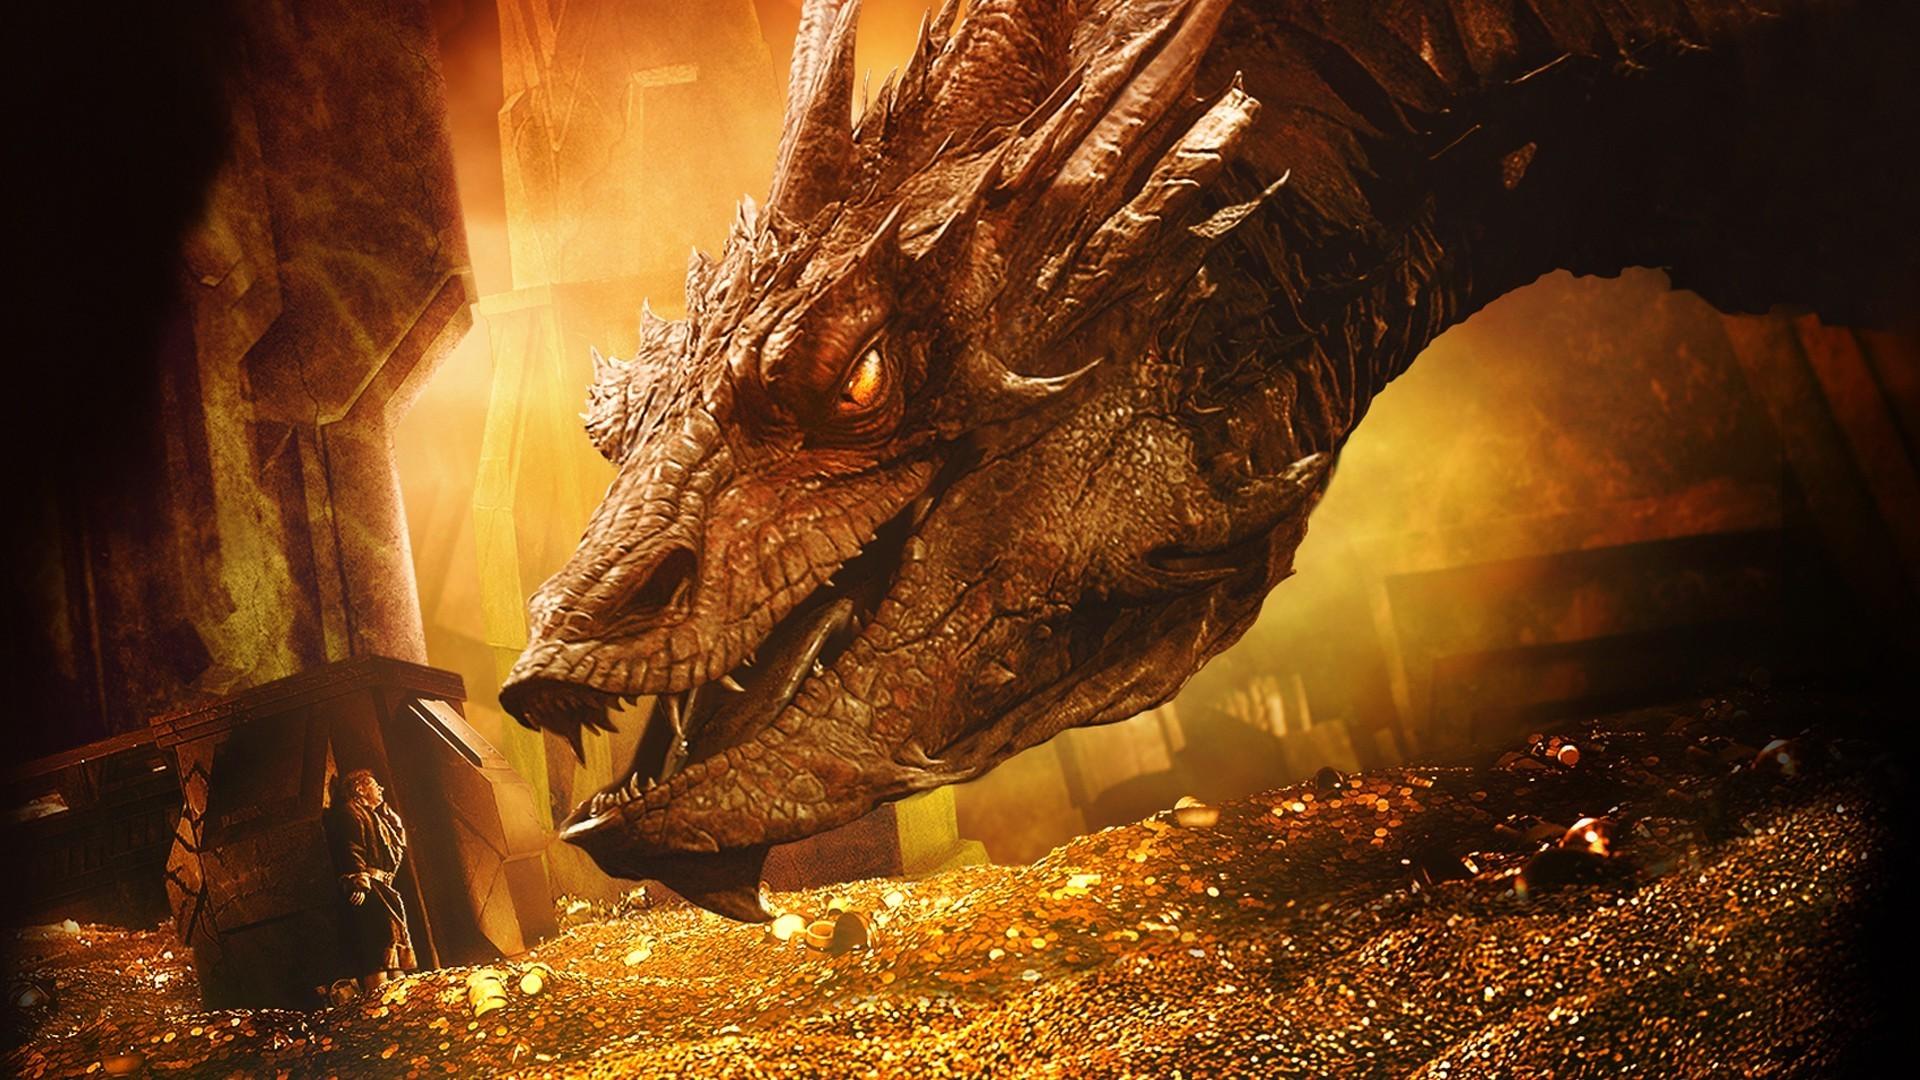 The Hobbit: The Desolation Of Smaug, Smaug, Bilbo Baggins, Dragon,  Treasure, Gold Wallpapers HD / Desktop and Mobile Backgrounds